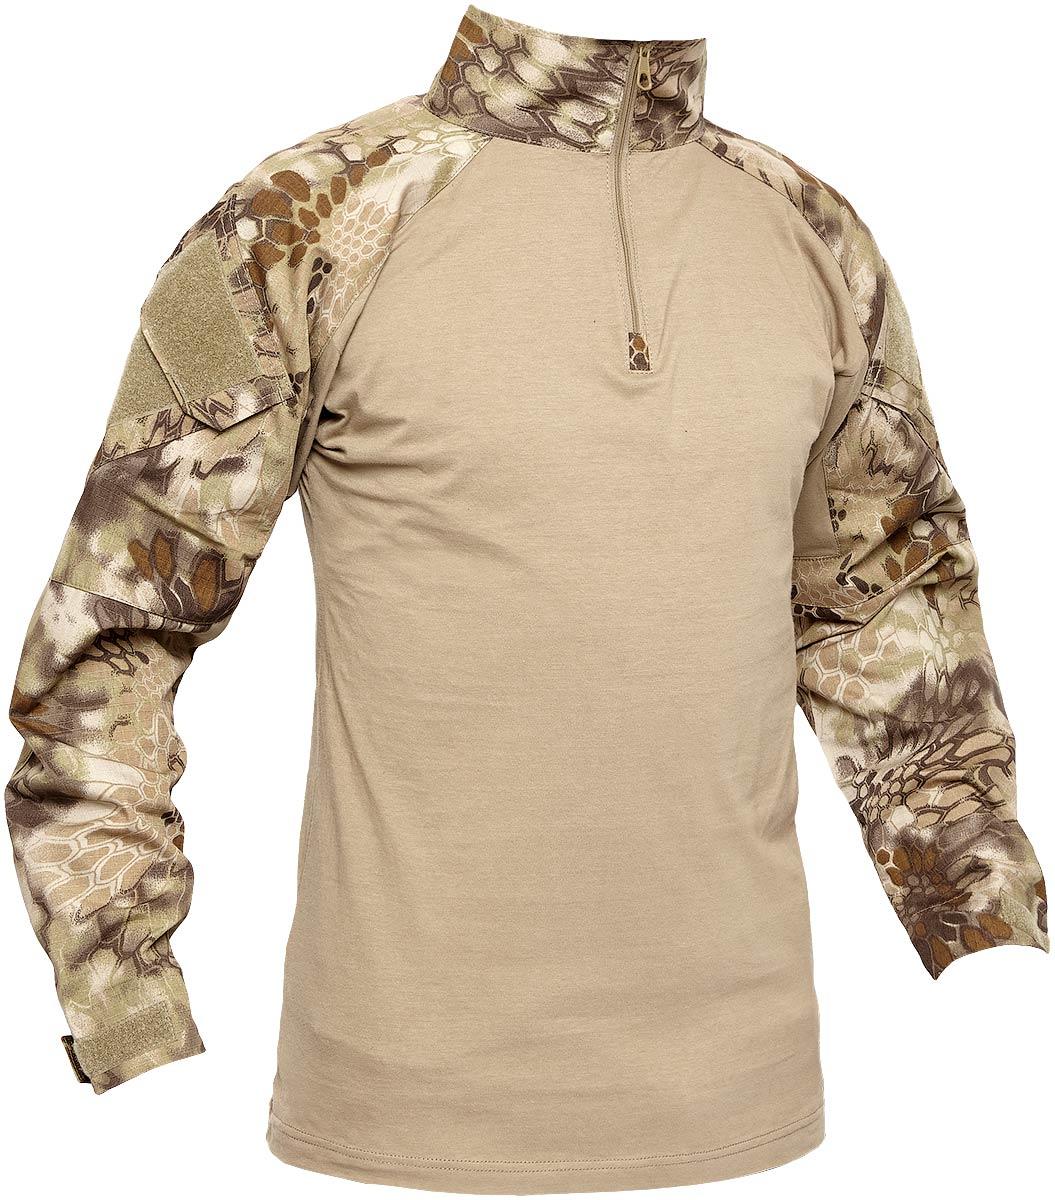 Рубашкa Skif Tac AOR shirt w/o elbow. Размер – M. Цвет – Kryptek Khaki